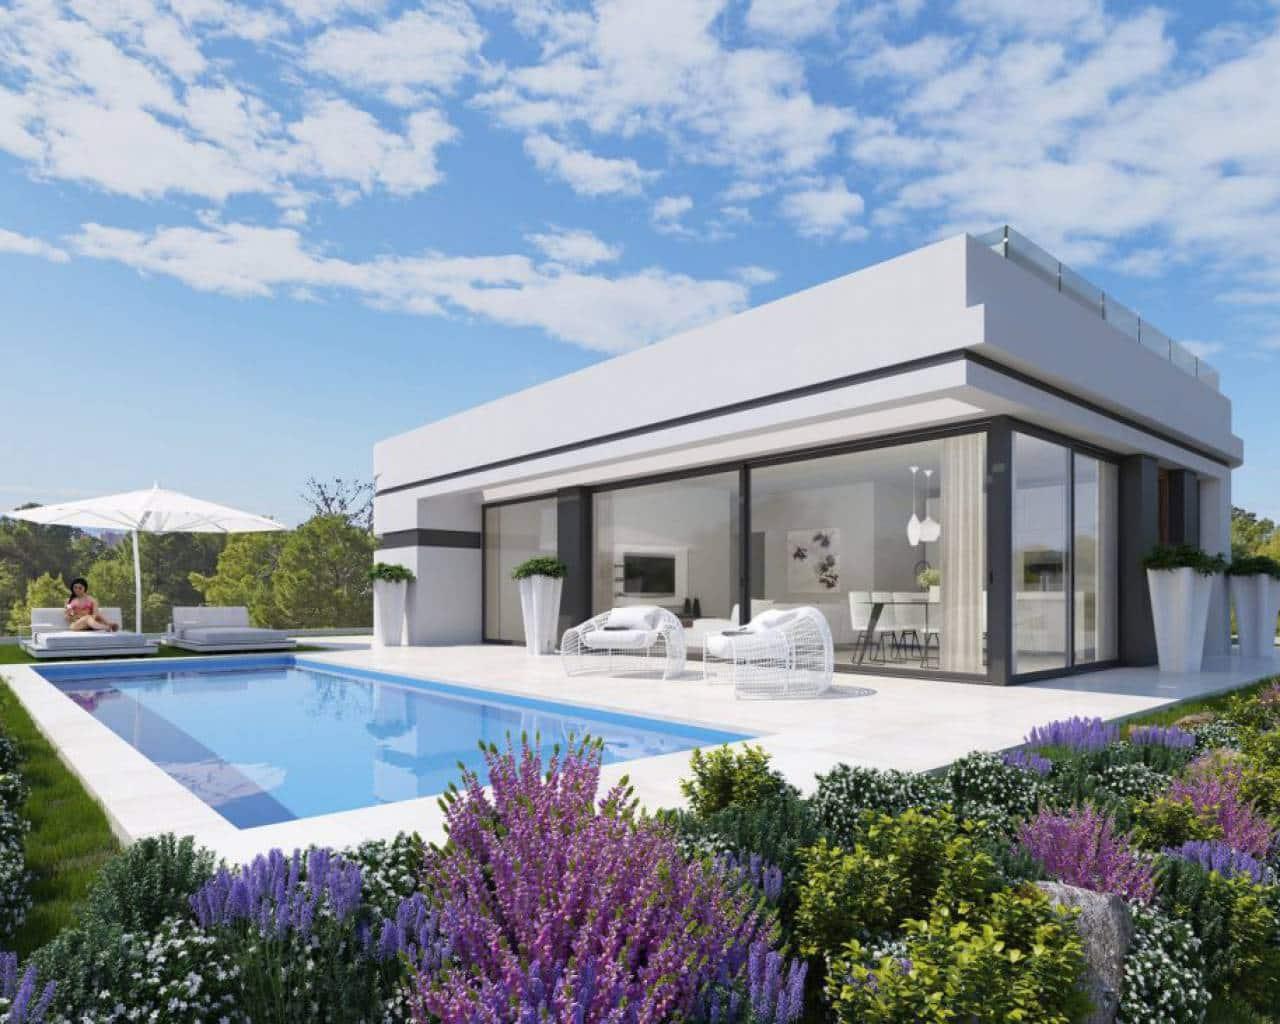 Chalet de 3 habitaciones en Polop en venta con piscina - 295.000 € (Ref: 4301078)